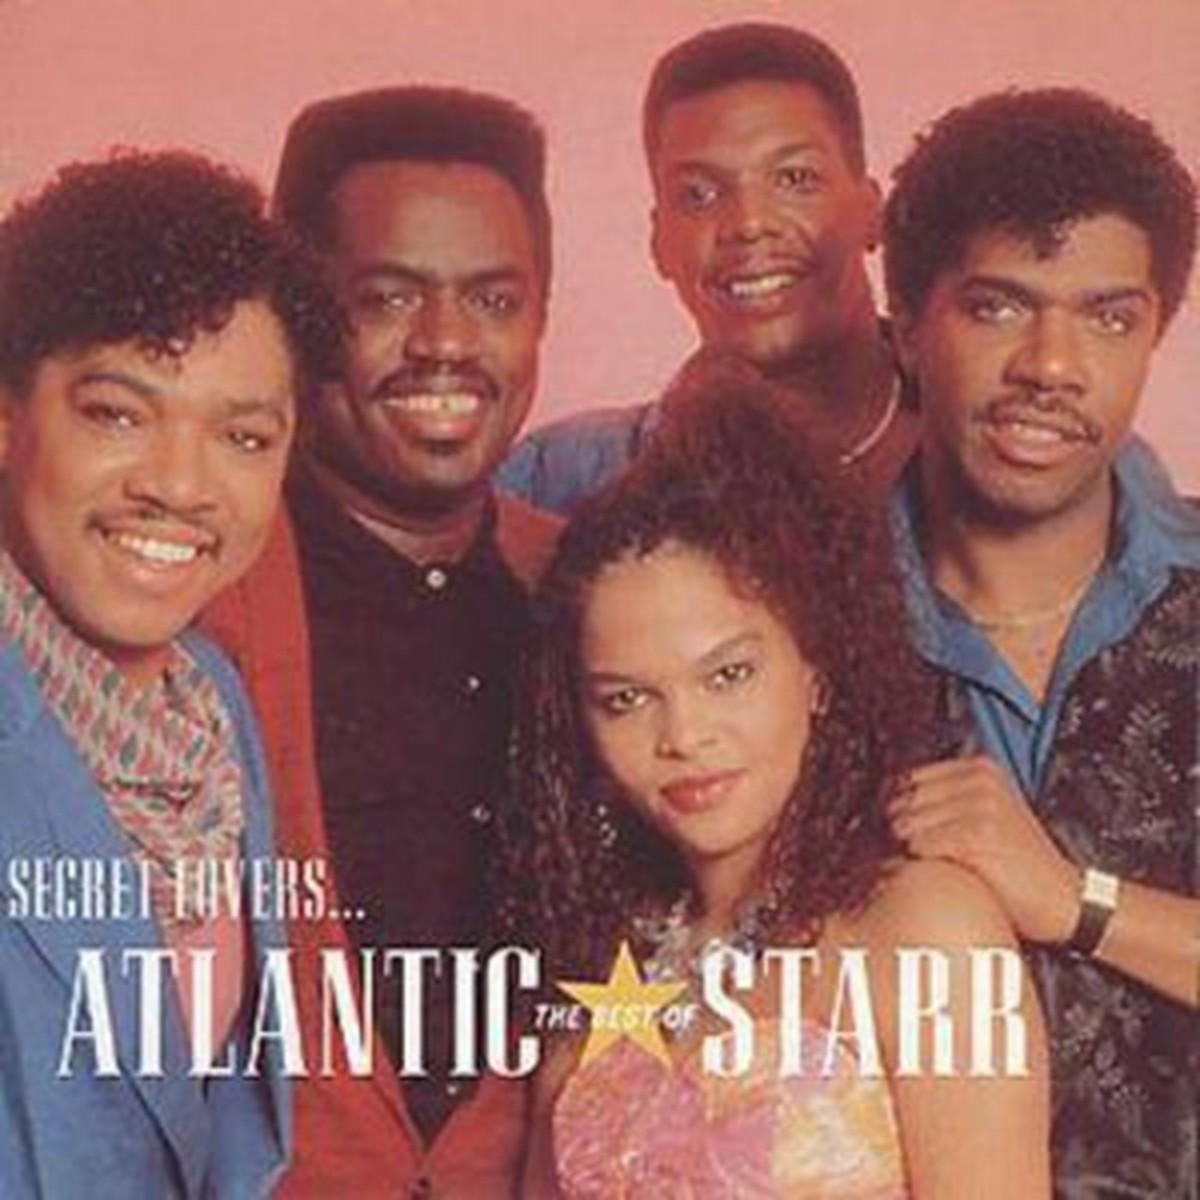 """5daddda7-41bf-44a6-80f8-34366555c740 """"Always"""" by Atlantic Starr (Easy)"""